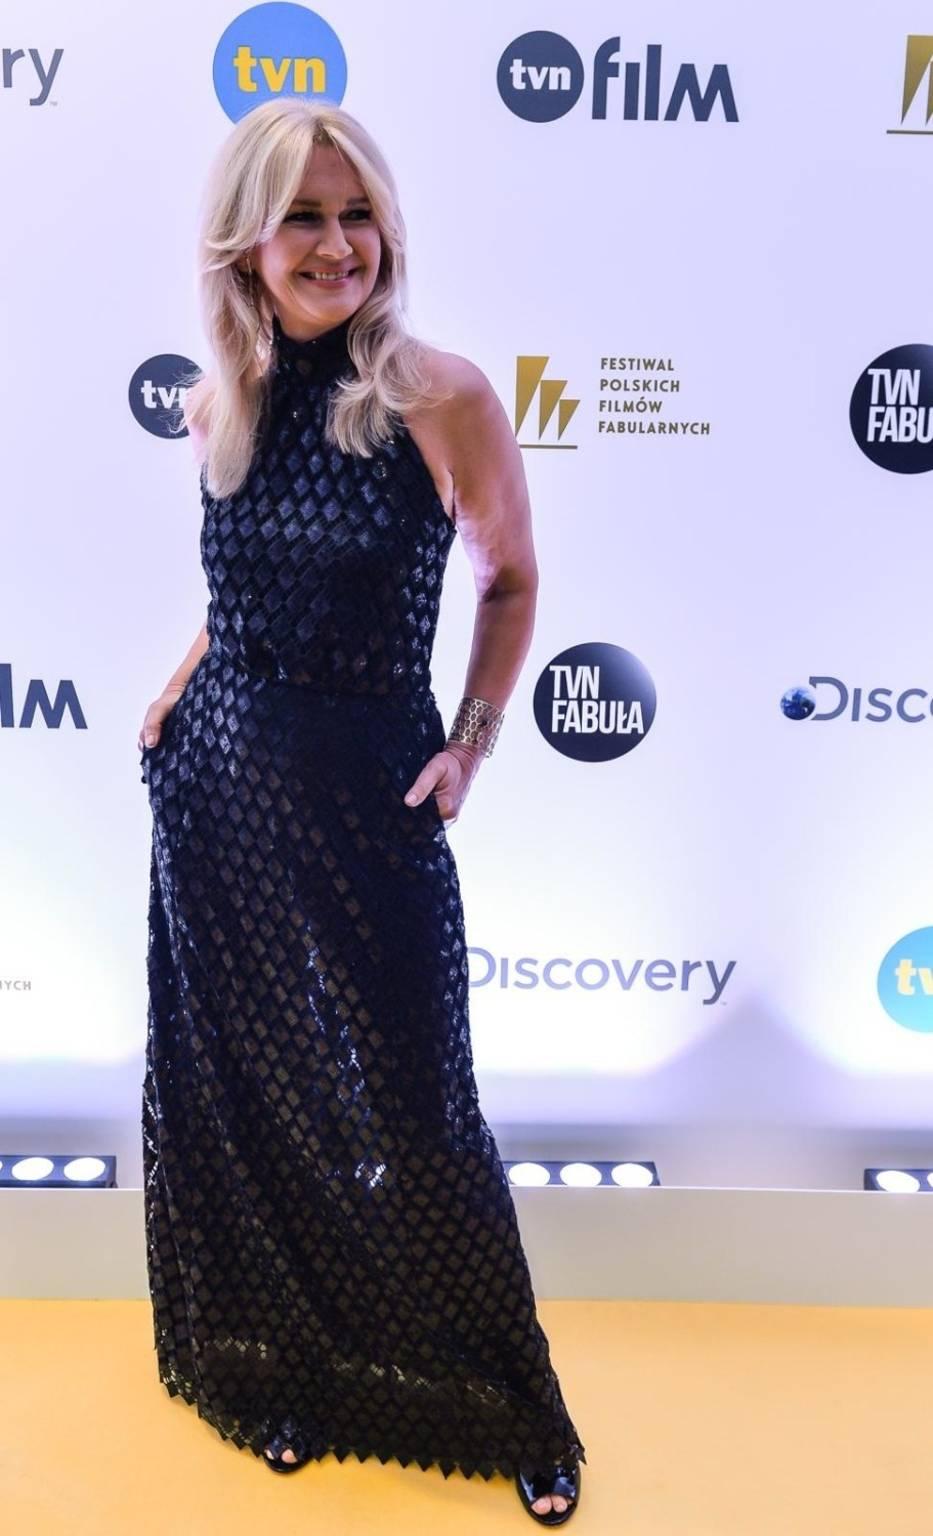 Gwiazdy na Festiwalu Filmów Fabularnych w Gdyni 2018